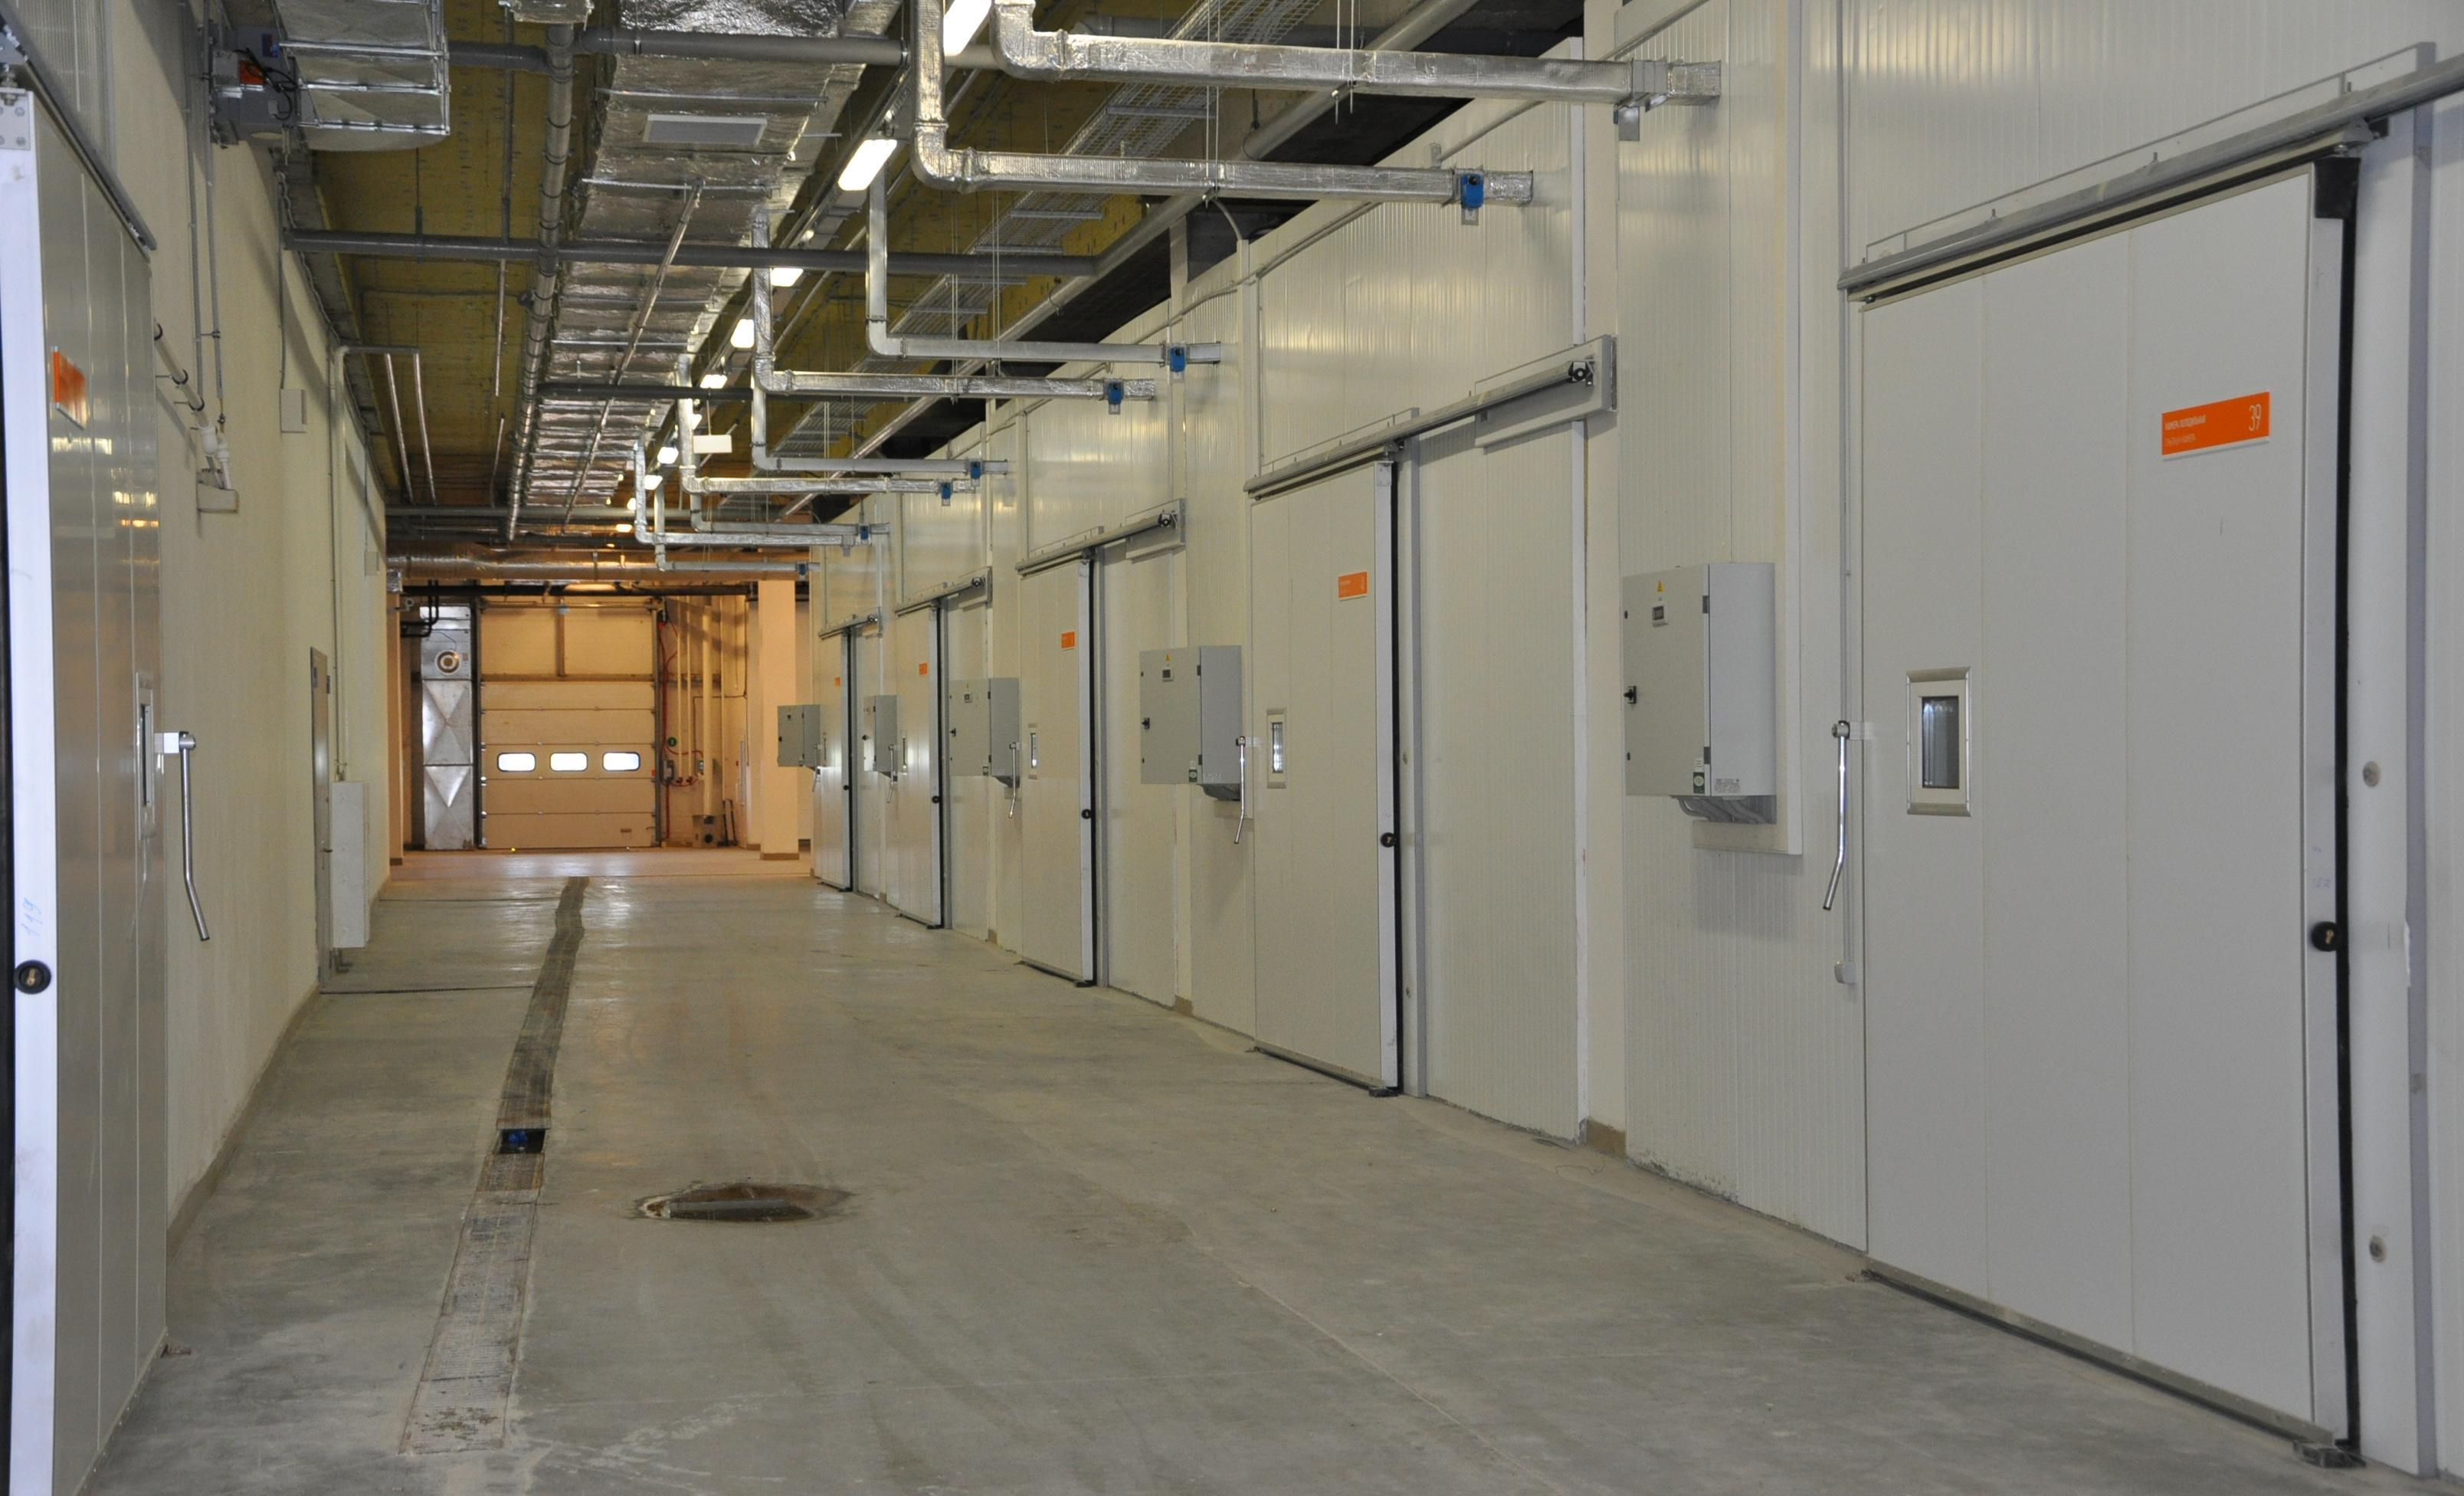 kak vybrat sklady s holodilnym oborudovaniem v arendu 1 - Как выбрать склады с холодильным оборудованием в аренду?